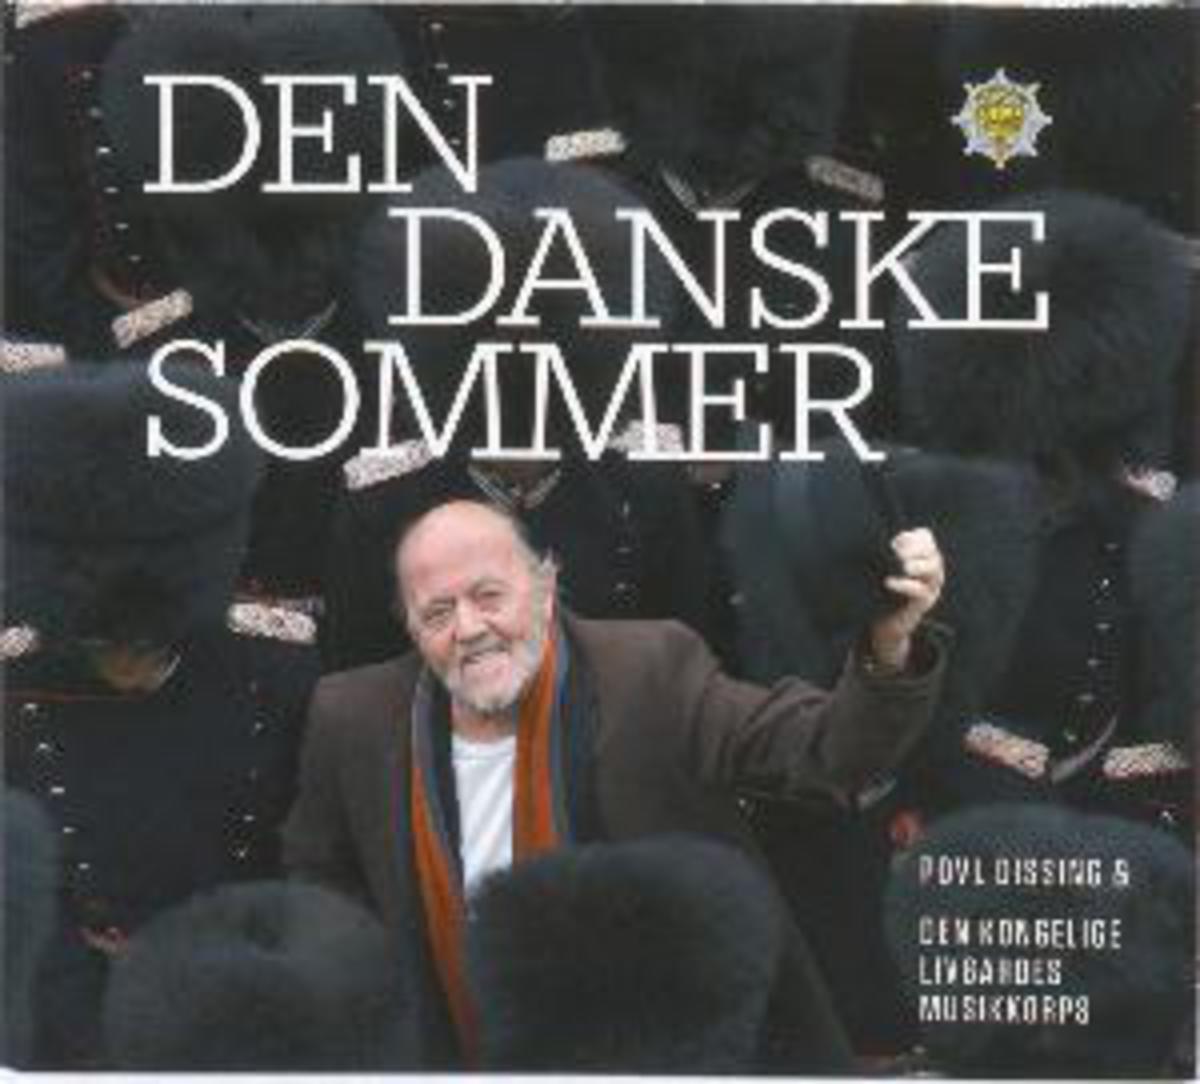 Den Danske Sommer - Povl Dissing & den Kongelige Livgardes Musikkorps - Musik - STV - 5705633301559 - May 23, 2013